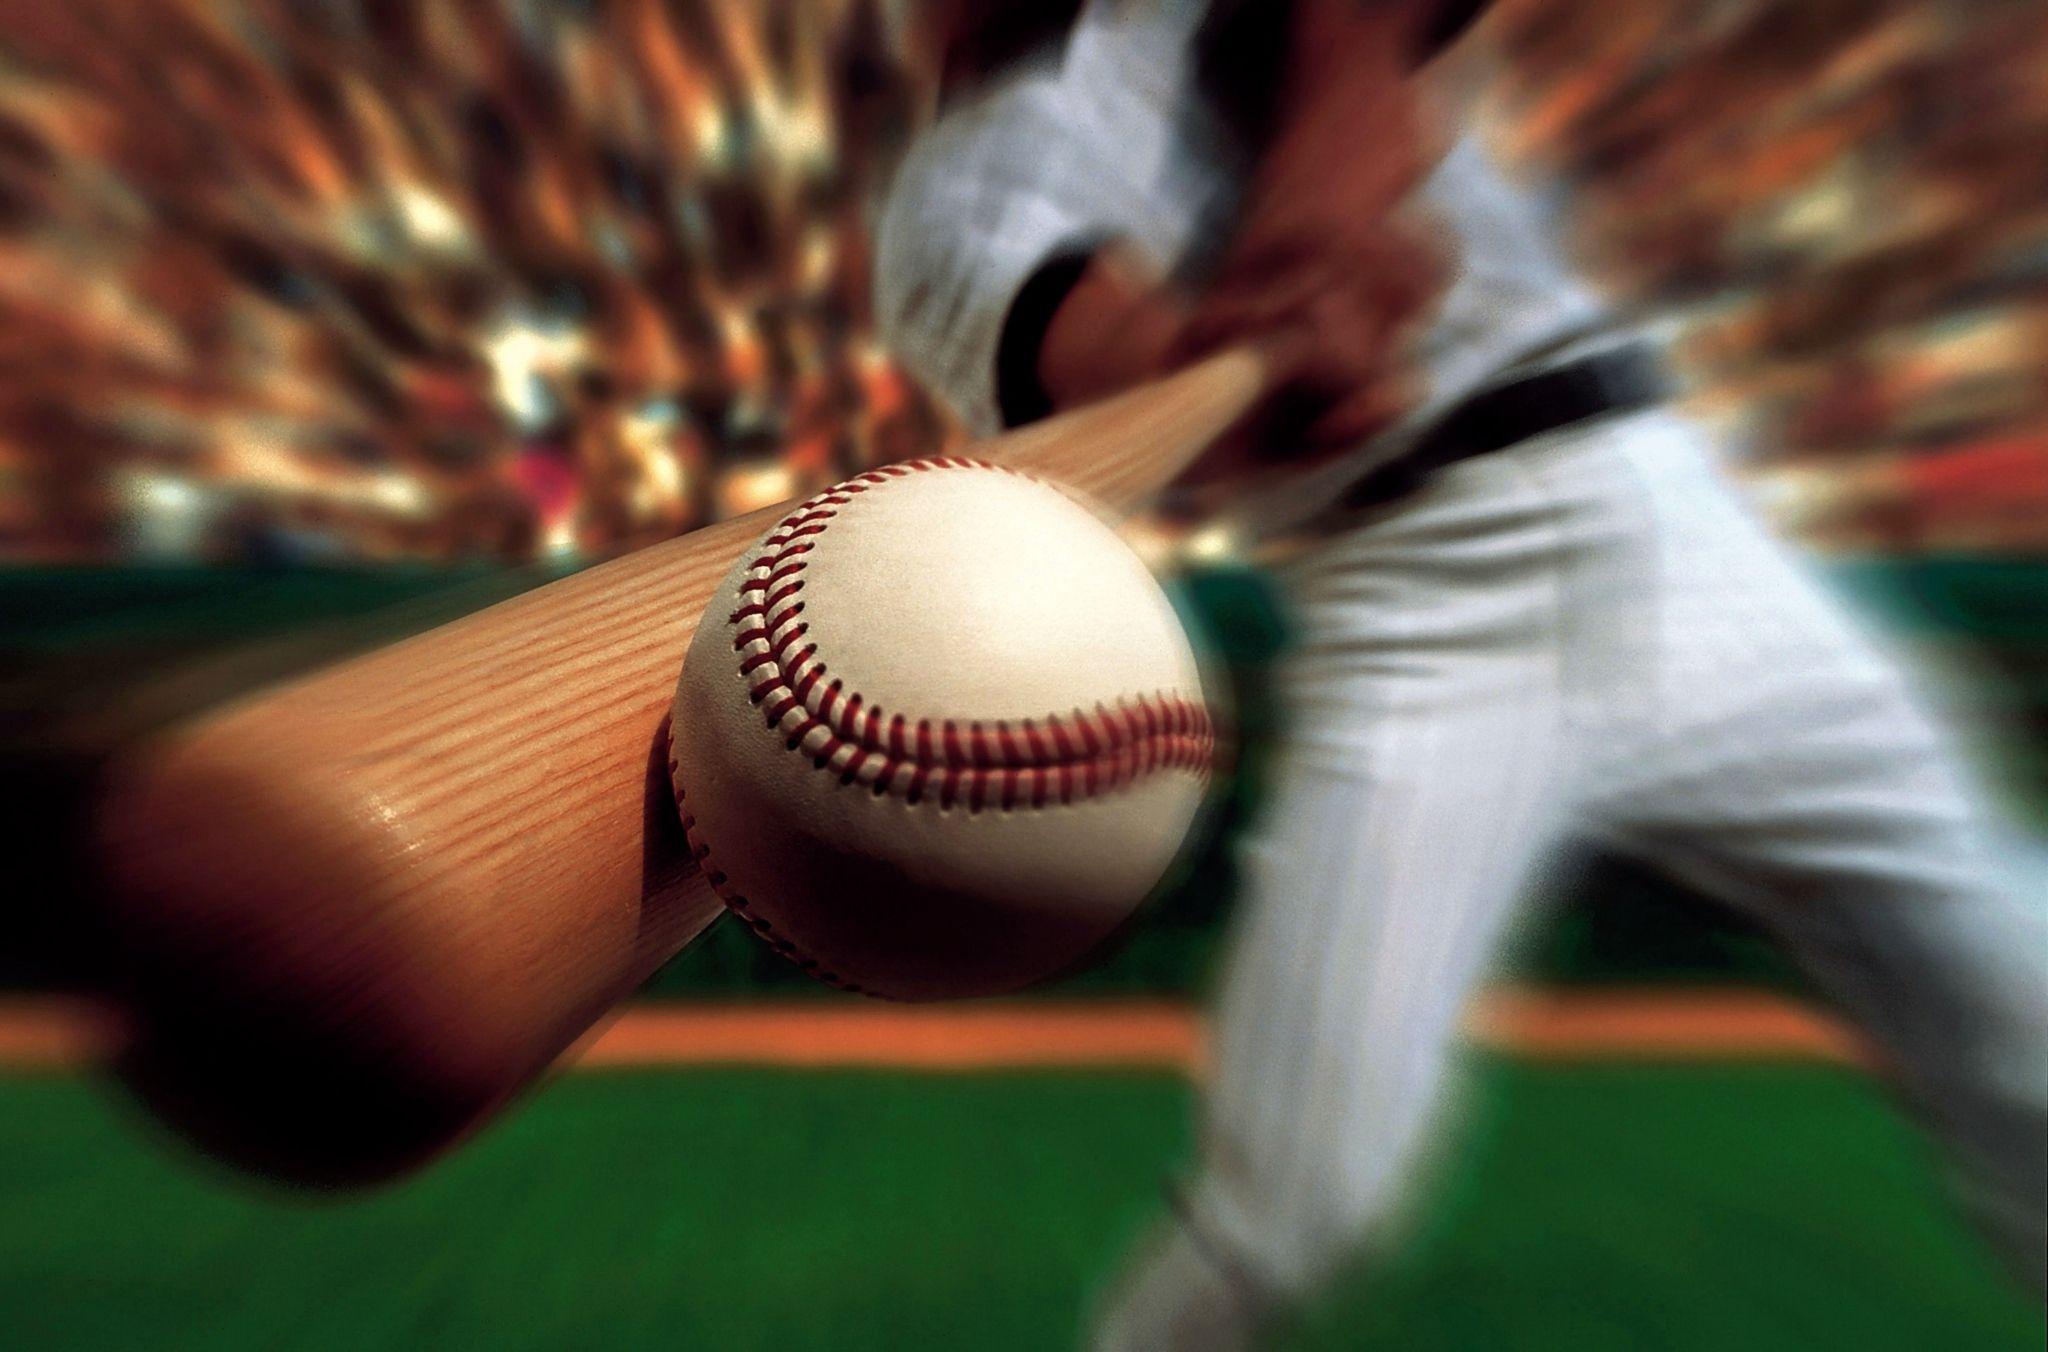 Baseball HD Wallpapers Backgrounds Wallpaper Бейсбол